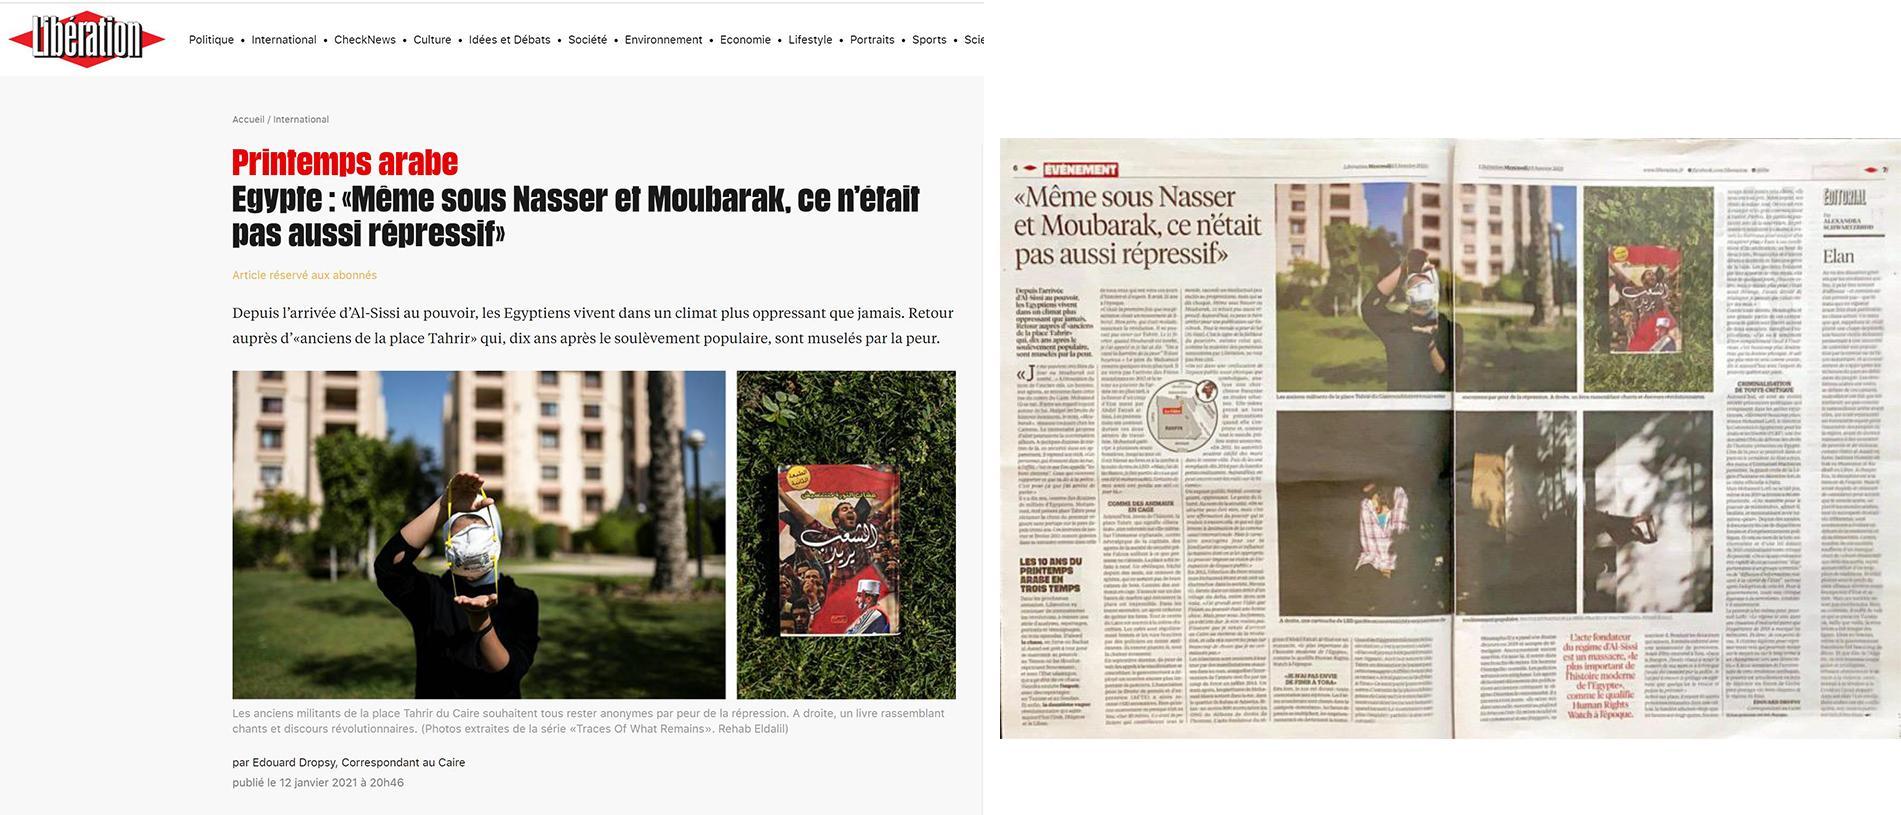 Liberation, Image digital and print publication, 2021 https://www.liberation.fr/planete/2021/01/12/meme-sous-nasser-et-moubarak-ce-n-etait-pas-aussi-repressif_1811012/